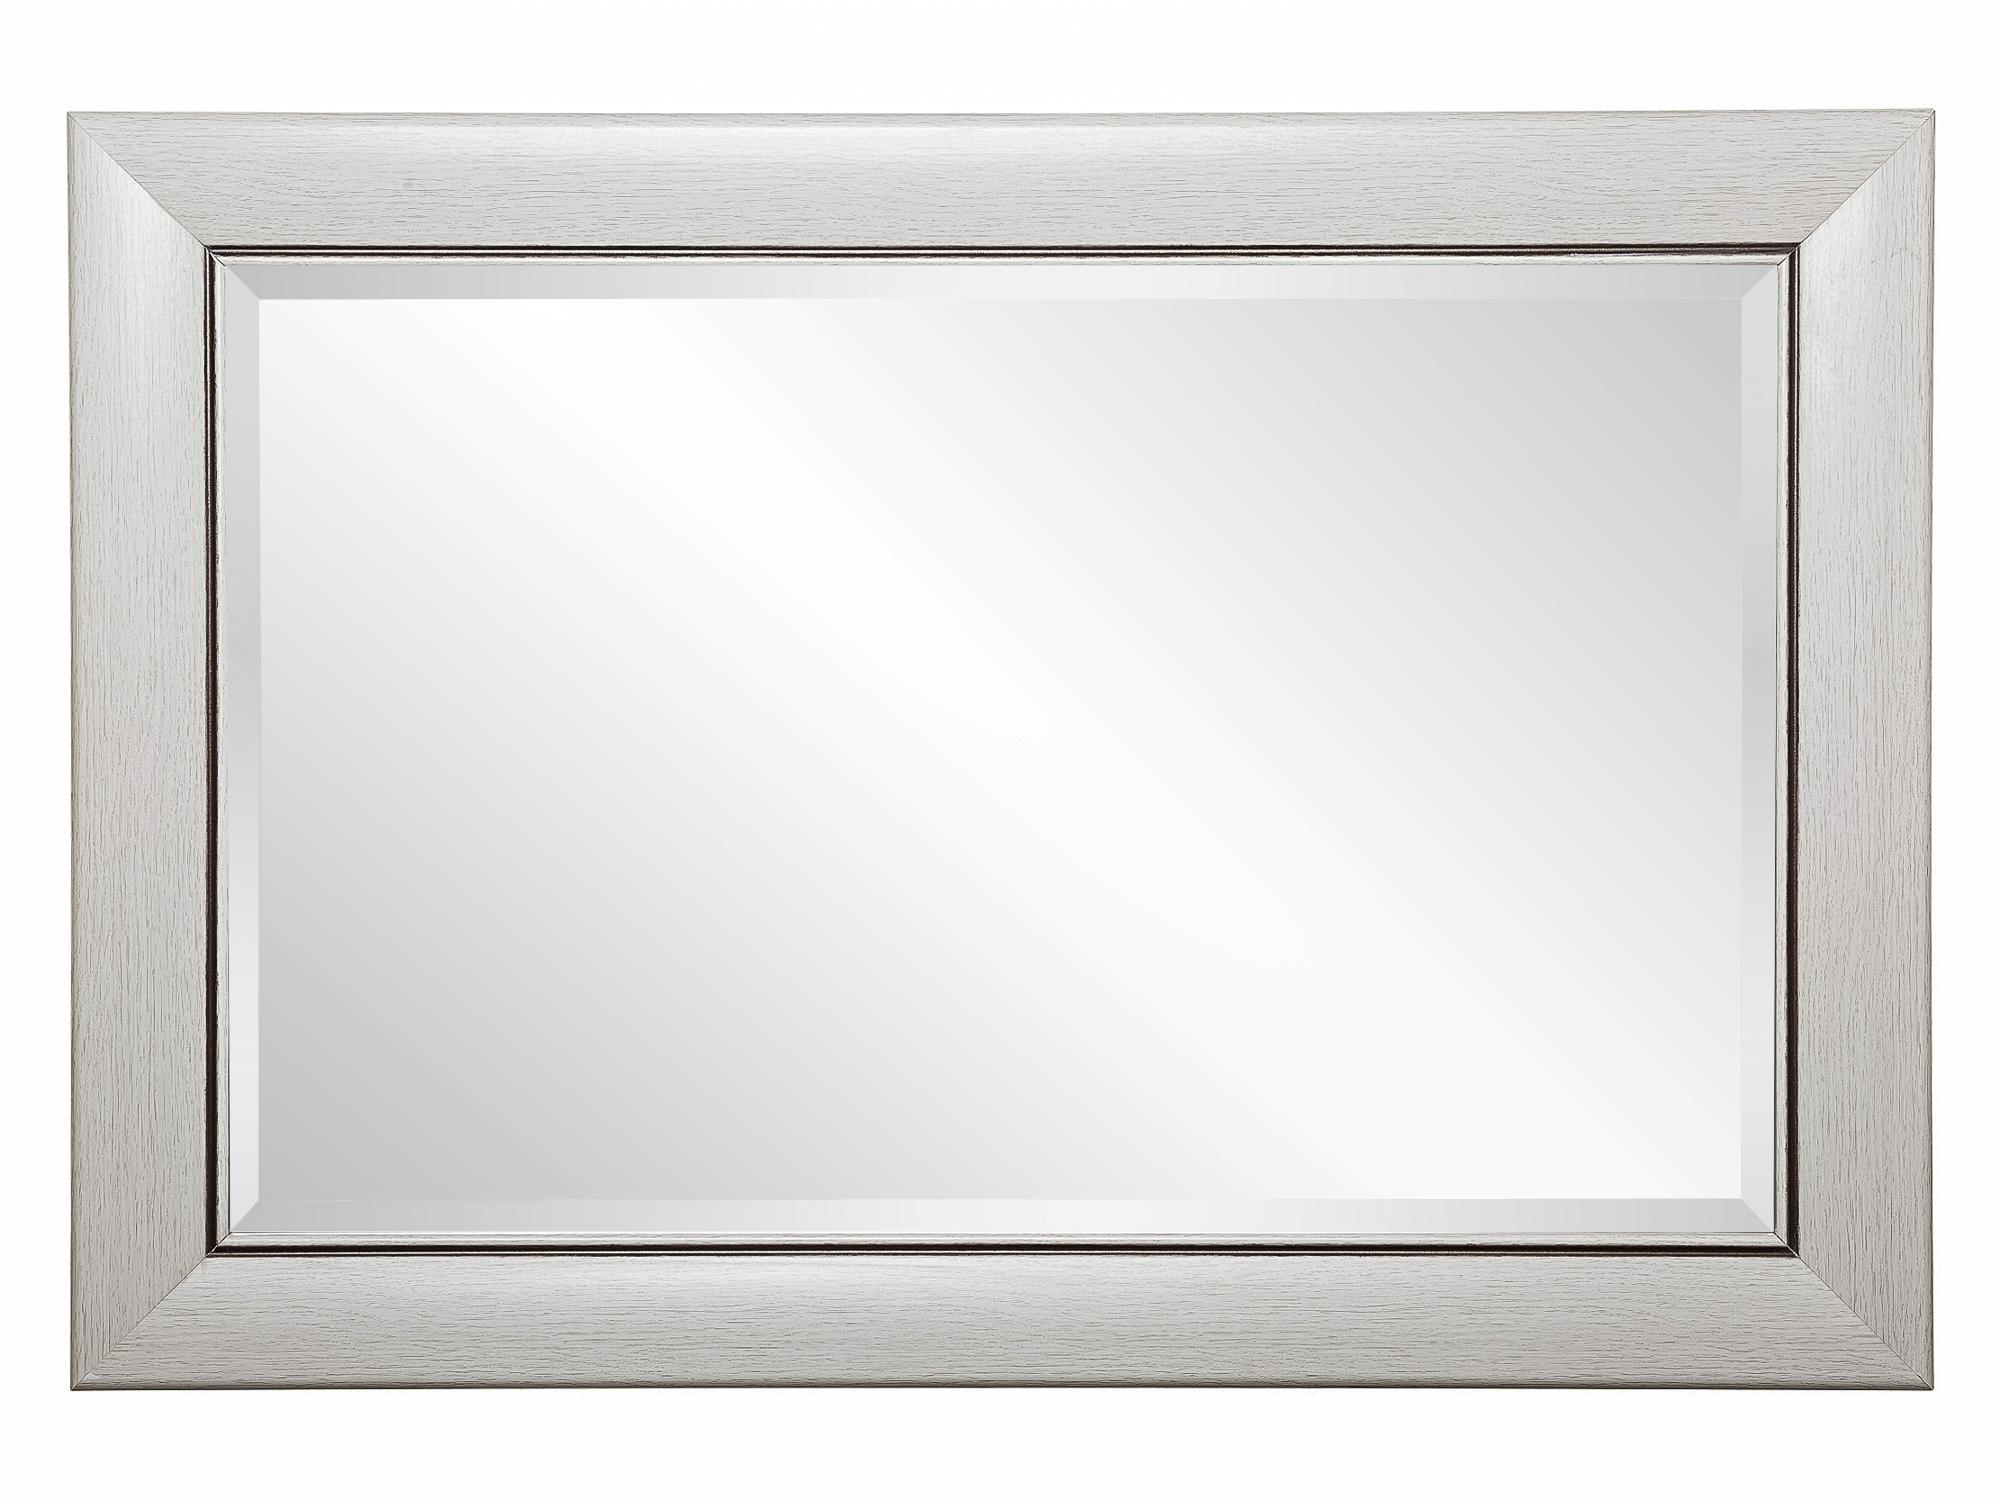 Зеркало OLIVIAНастенные зеркала<br>Фасад Цвет: дуб анкона&amp;amp;nbsp;&amp;lt;div&amp;gt;Материал: ДСП ламинированная .&amp;amp;nbsp;&amp;lt;/div&amp;gt;&amp;lt;div&amp;gt;&amp;lt;span style=&amp;quot;line-height: 1.78571;&amp;quot;&amp;gt;Толщина: плита 18 мм&amp;amp;nbsp;&amp;lt;/span&amp;gt;&amp;lt;/div&amp;gt;&amp;lt;div&amp;gt;&amp;lt;span style=&amp;quot;line-height: 1.78571;&amp;quot;&amp;gt;Тип облицовки: ПВХ 0,5&amp;amp;nbsp;&amp;lt;/span&amp;gt;&amp;lt;/div&amp;gt;&amp;lt;div&amp;gt;&amp;lt;span style=&amp;quot;line-height: 1.78571;&amp;quot;&amp;gt;Аксессуары: Петли: GTV (Польша)&amp;amp;nbsp;&amp;lt;/span&amp;gt;&amp;lt;/div&amp;gt;&amp;lt;div&amp;gt;&amp;lt;span style=&amp;quot;line-height: 1.78571;&amp;quot;&amp;gt;Направляющие: шариковые GTV (Польша)&amp;amp;nbsp;&amp;lt;/span&amp;gt;&amp;lt;/div&amp;gt;&amp;lt;div&amp;gt;&amp;lt;span style=&amp;quot;line-height: 1.78571;&amp;quot;&amp;gt;Ручки: NOMET (Польша), металл&amp;amp;nbsp;&amp;lt;/span&amp;gt;&amp;lt;/div&amp;gt;&amp;lt;div&amp;gt;&amp;lt;span style=&amp;quot;line-height: 1.78571;&amp;quot;&amp;gt;Требует сборки.&amp;amp;nbsp;&amp;lt;/span&amp;gt;&amp;lt;/div&amp;gt;&amp;lt;div&amp;gt;&amp;lt;span style=&amp;quot;line-height: 1.78571;&amp;quot;&amp;gt;Производство ИООО «АНРЭКС»&amp;lt;/span&amp;gt;&amp;lt;br&amp;gt;&amp;lt;/div&amp;gt;<br><br>Material: Стекло<br>Ширина см: 96.1<br>Высота см: 66.1<br>Глубина см: 4.1